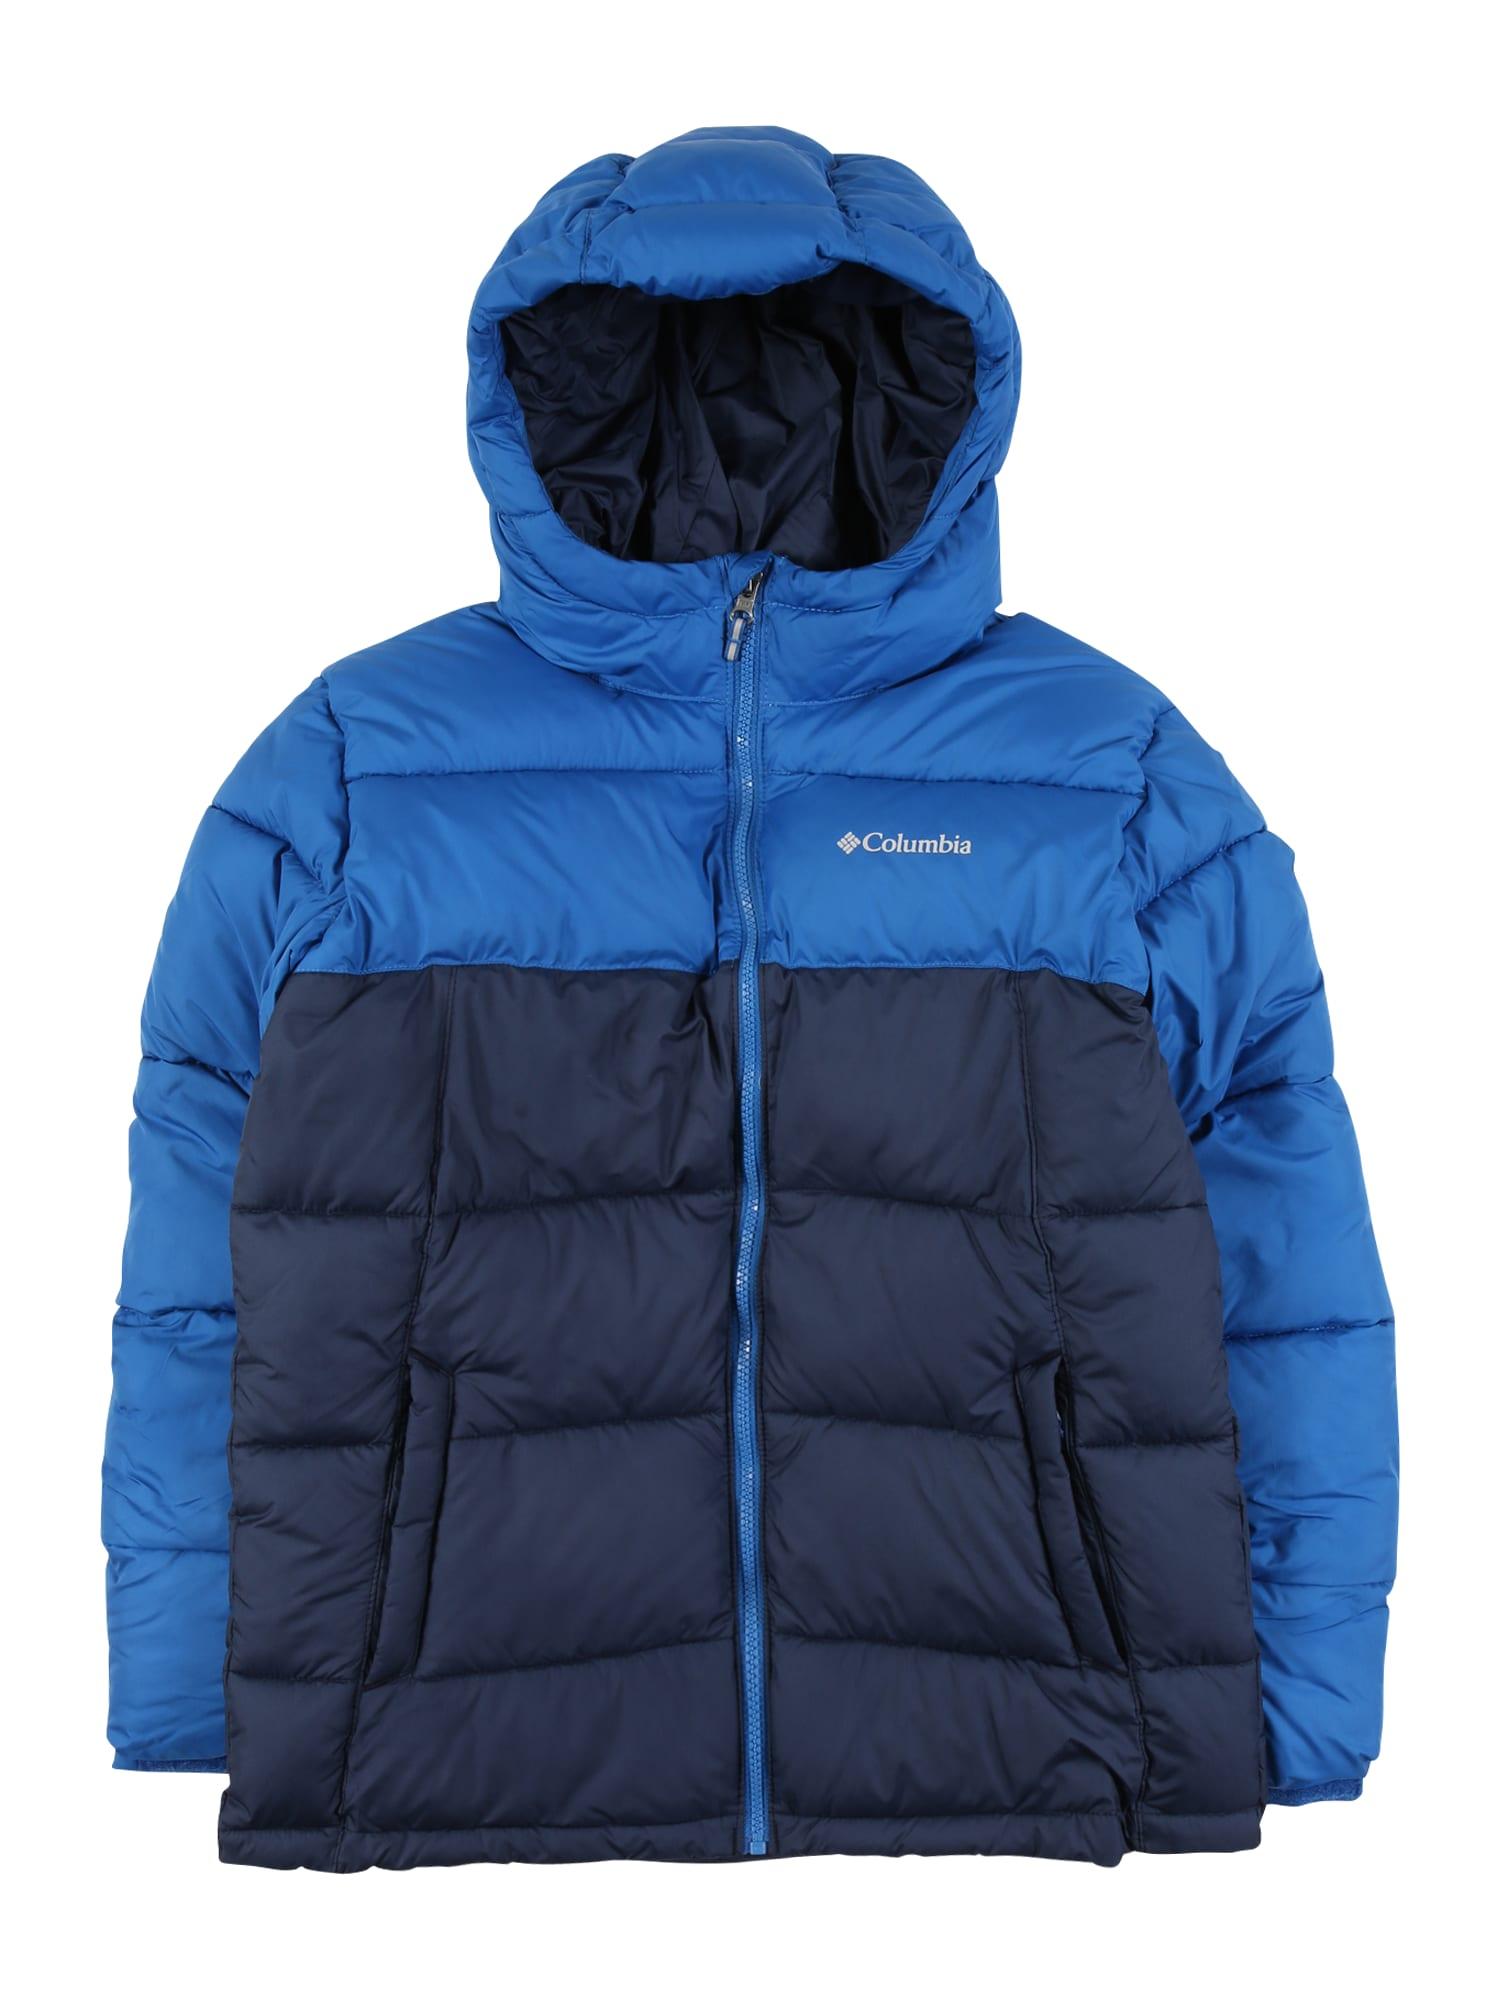 COLUMBIA Outdoorová bunda 'Pike Lake'  námořnická modř / královská modrá